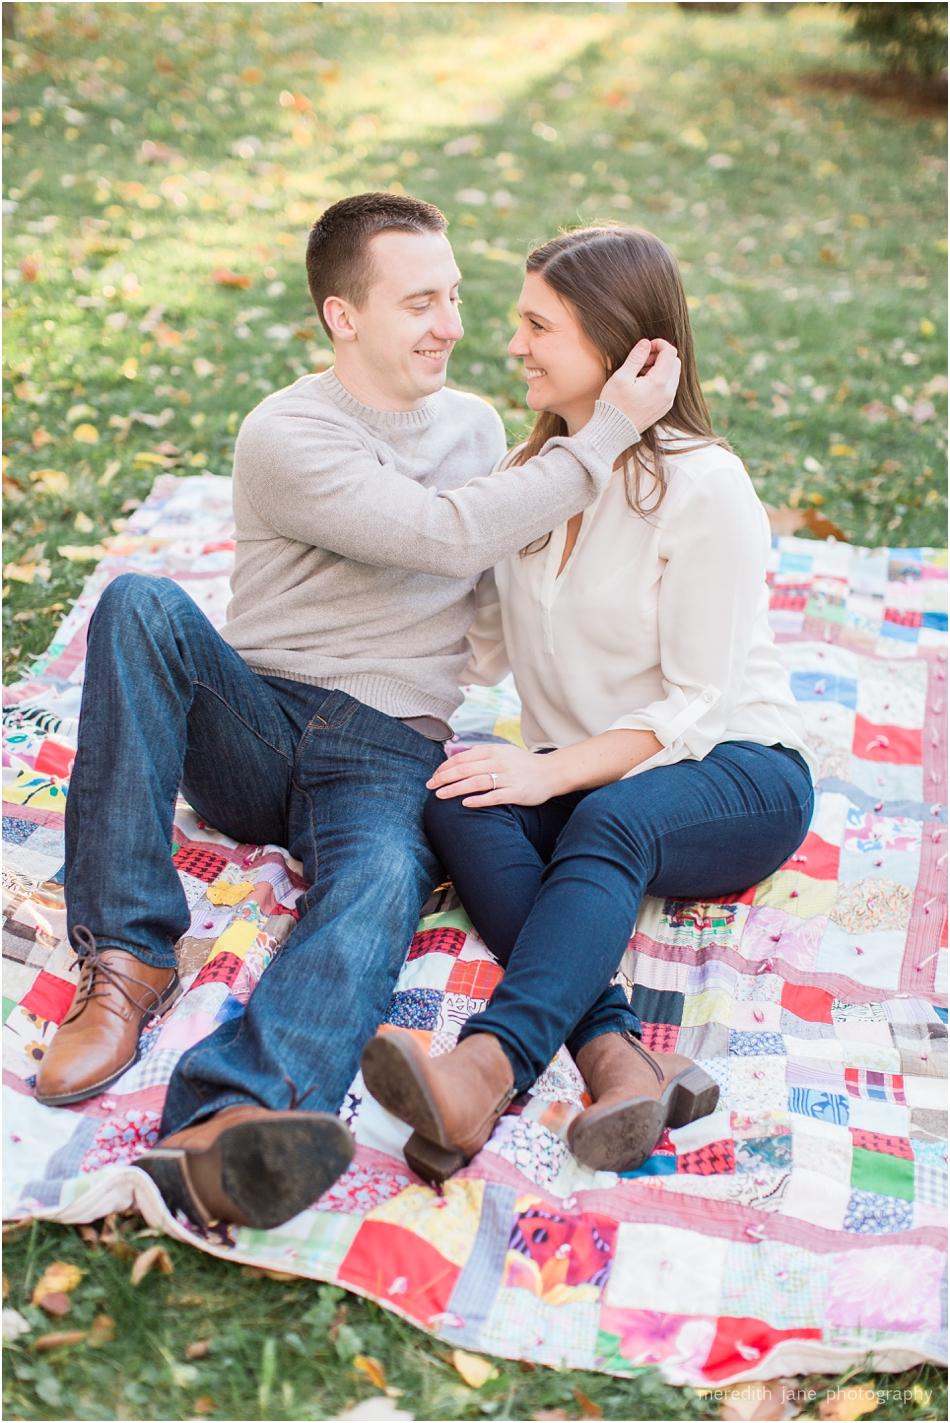 boston_massachusetts_engagment_arnold_arboretum_fall_foliage_cape_cod_wedding_photographer_meredith_jane_photography_photo_0945